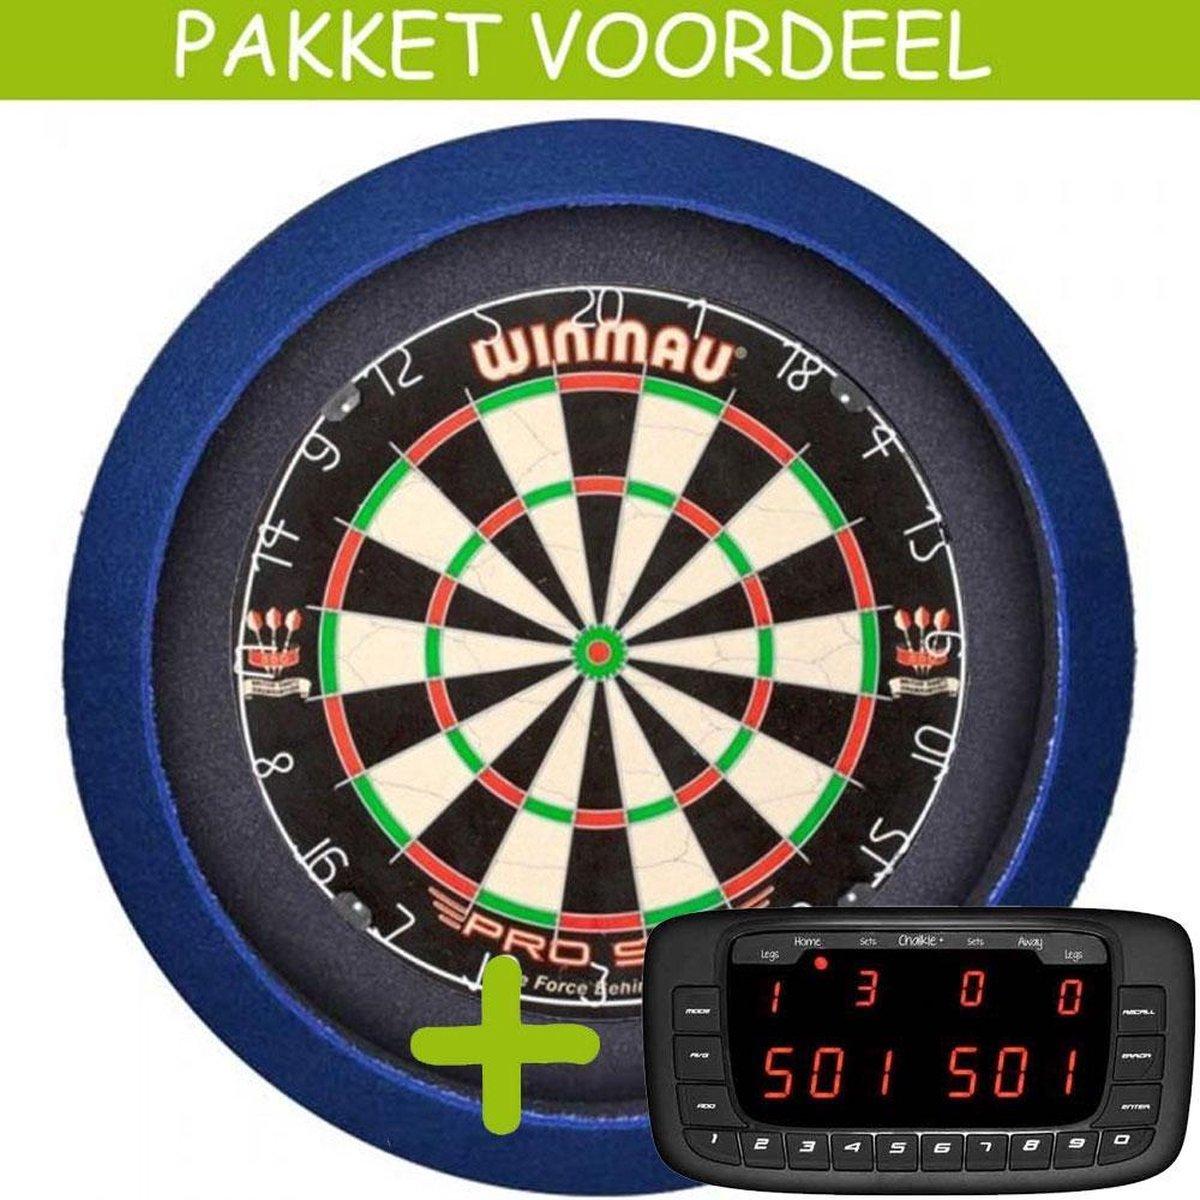 Elektronisch Dart Scorebord VoordeelPakket (Chalkie + ) - Pro SFB - Dartbordverlichting Basic (Blauw)